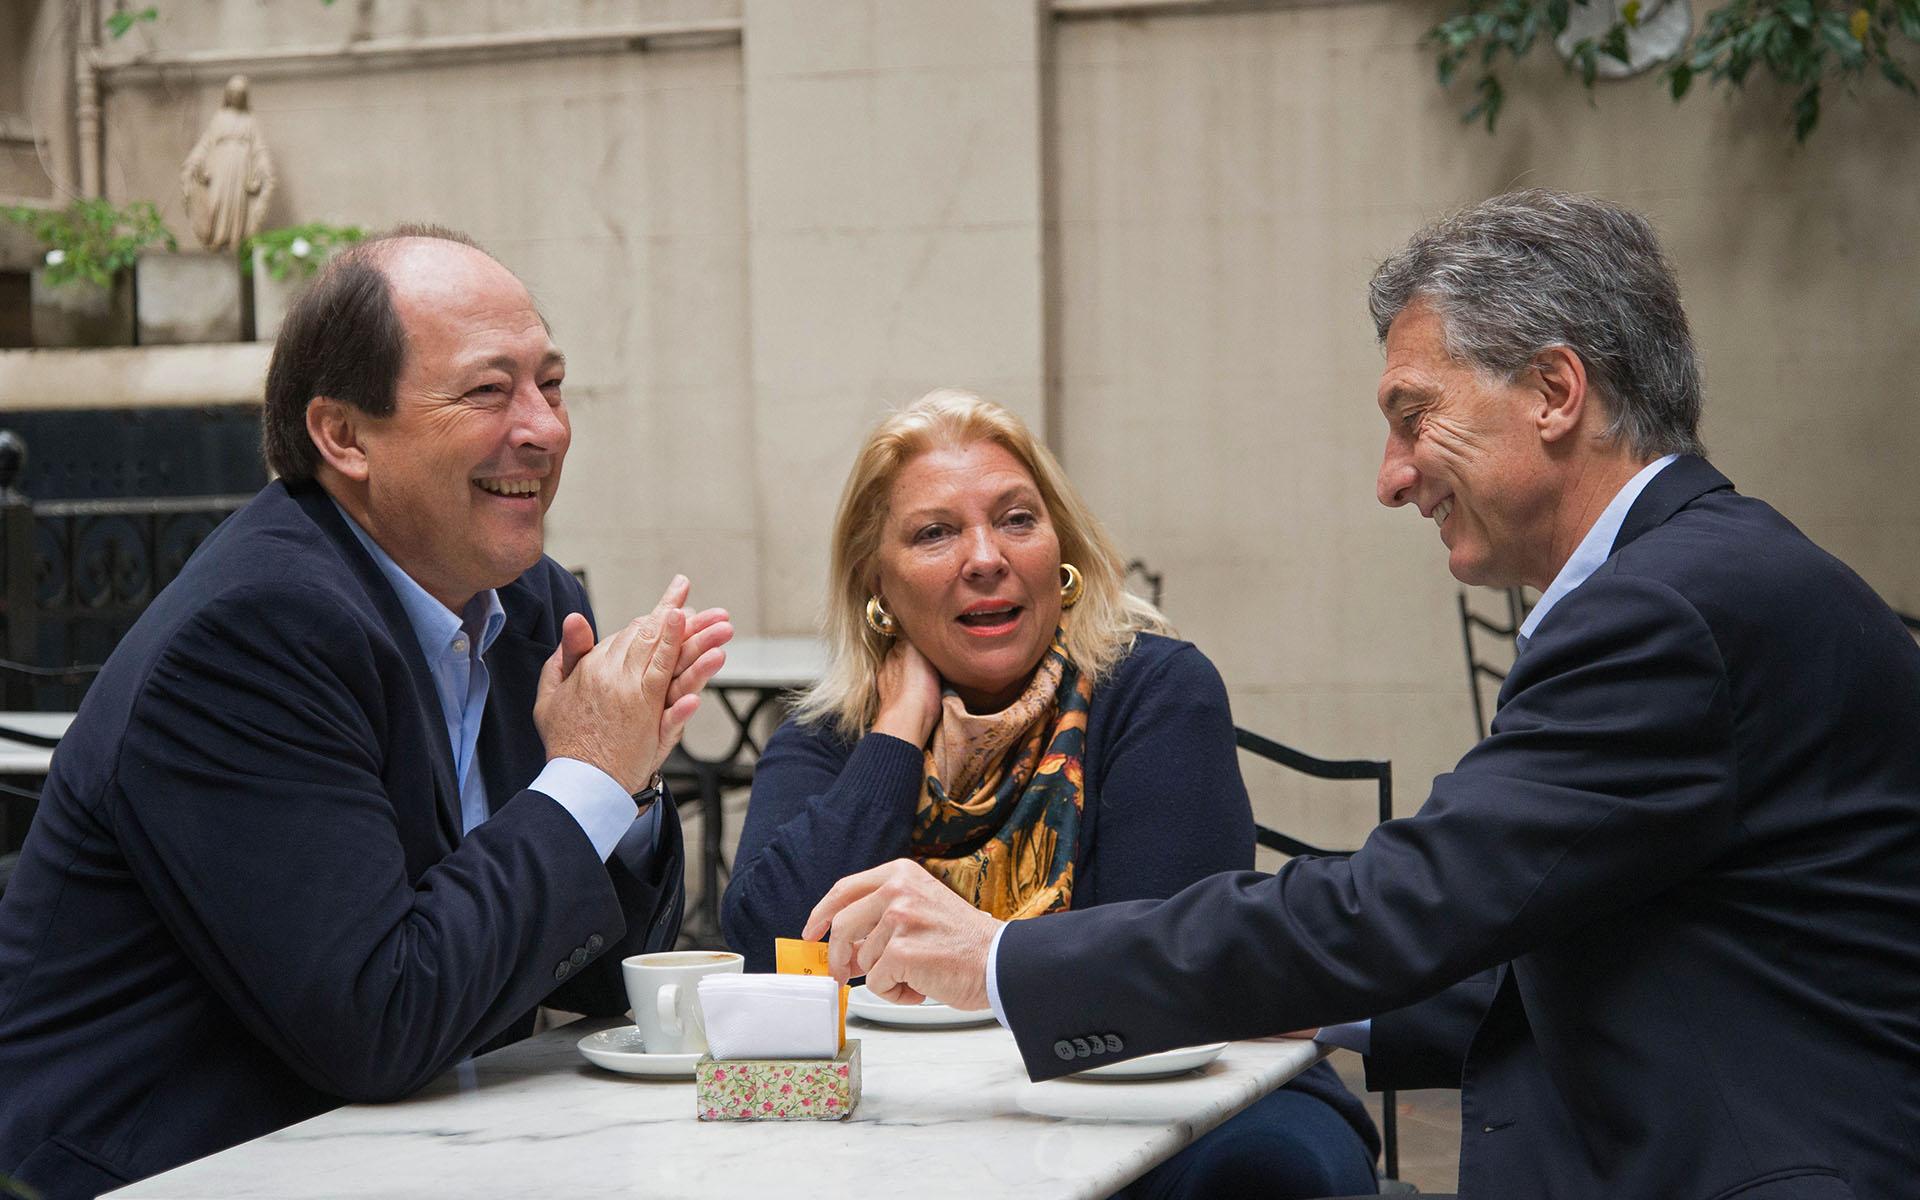 2015. Desayuno con Elisa Carrió y Ernesto Sanz, precandidatos a presidente de la ya formada coalición Cambiemos.